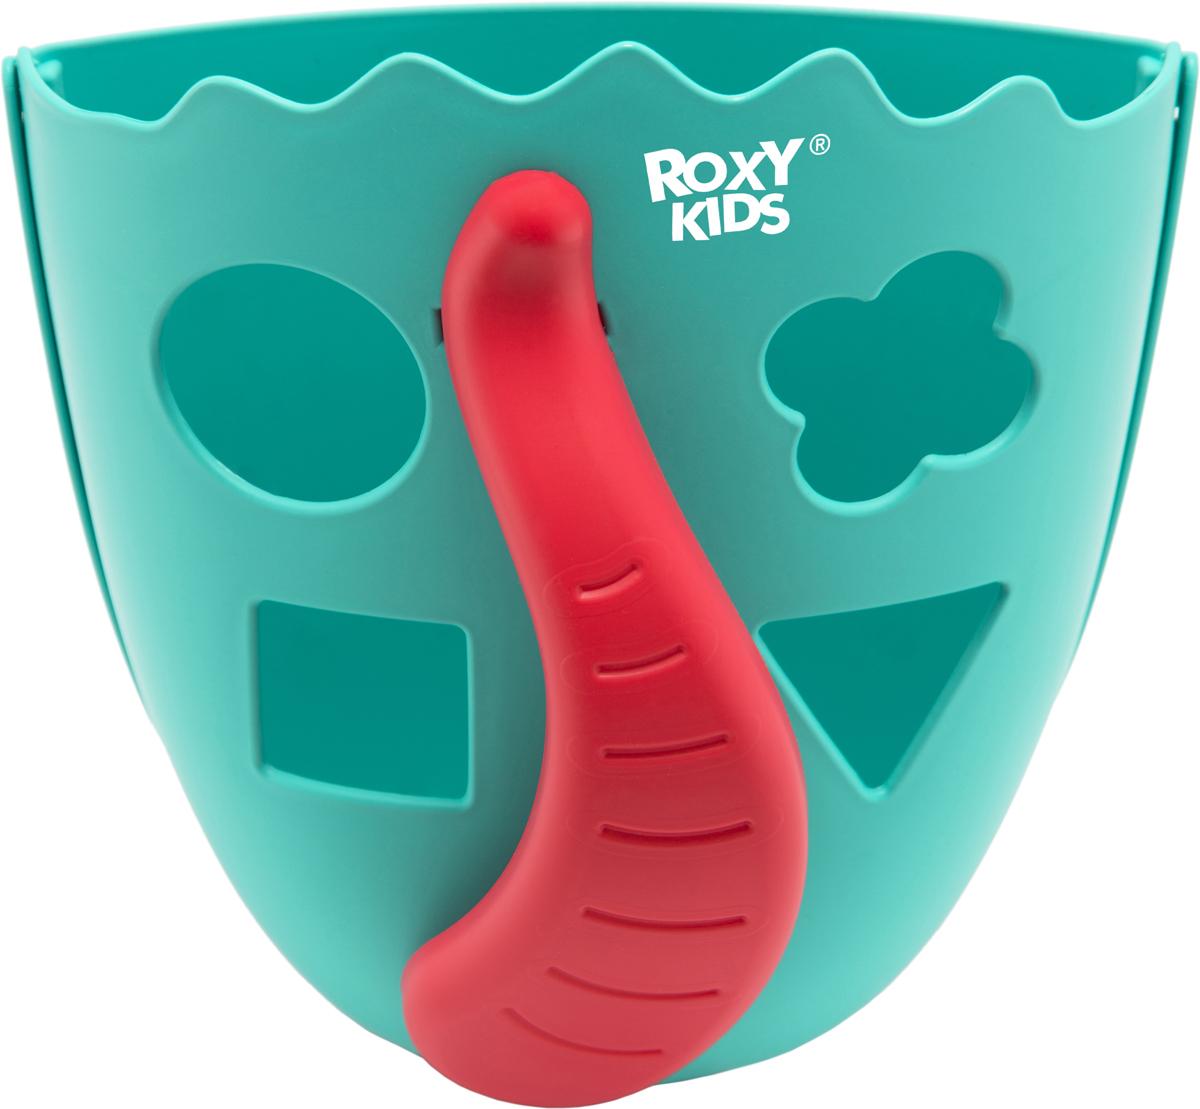 Roxy-kids Органайзер для игрушек Dino цвет мятный коралловый